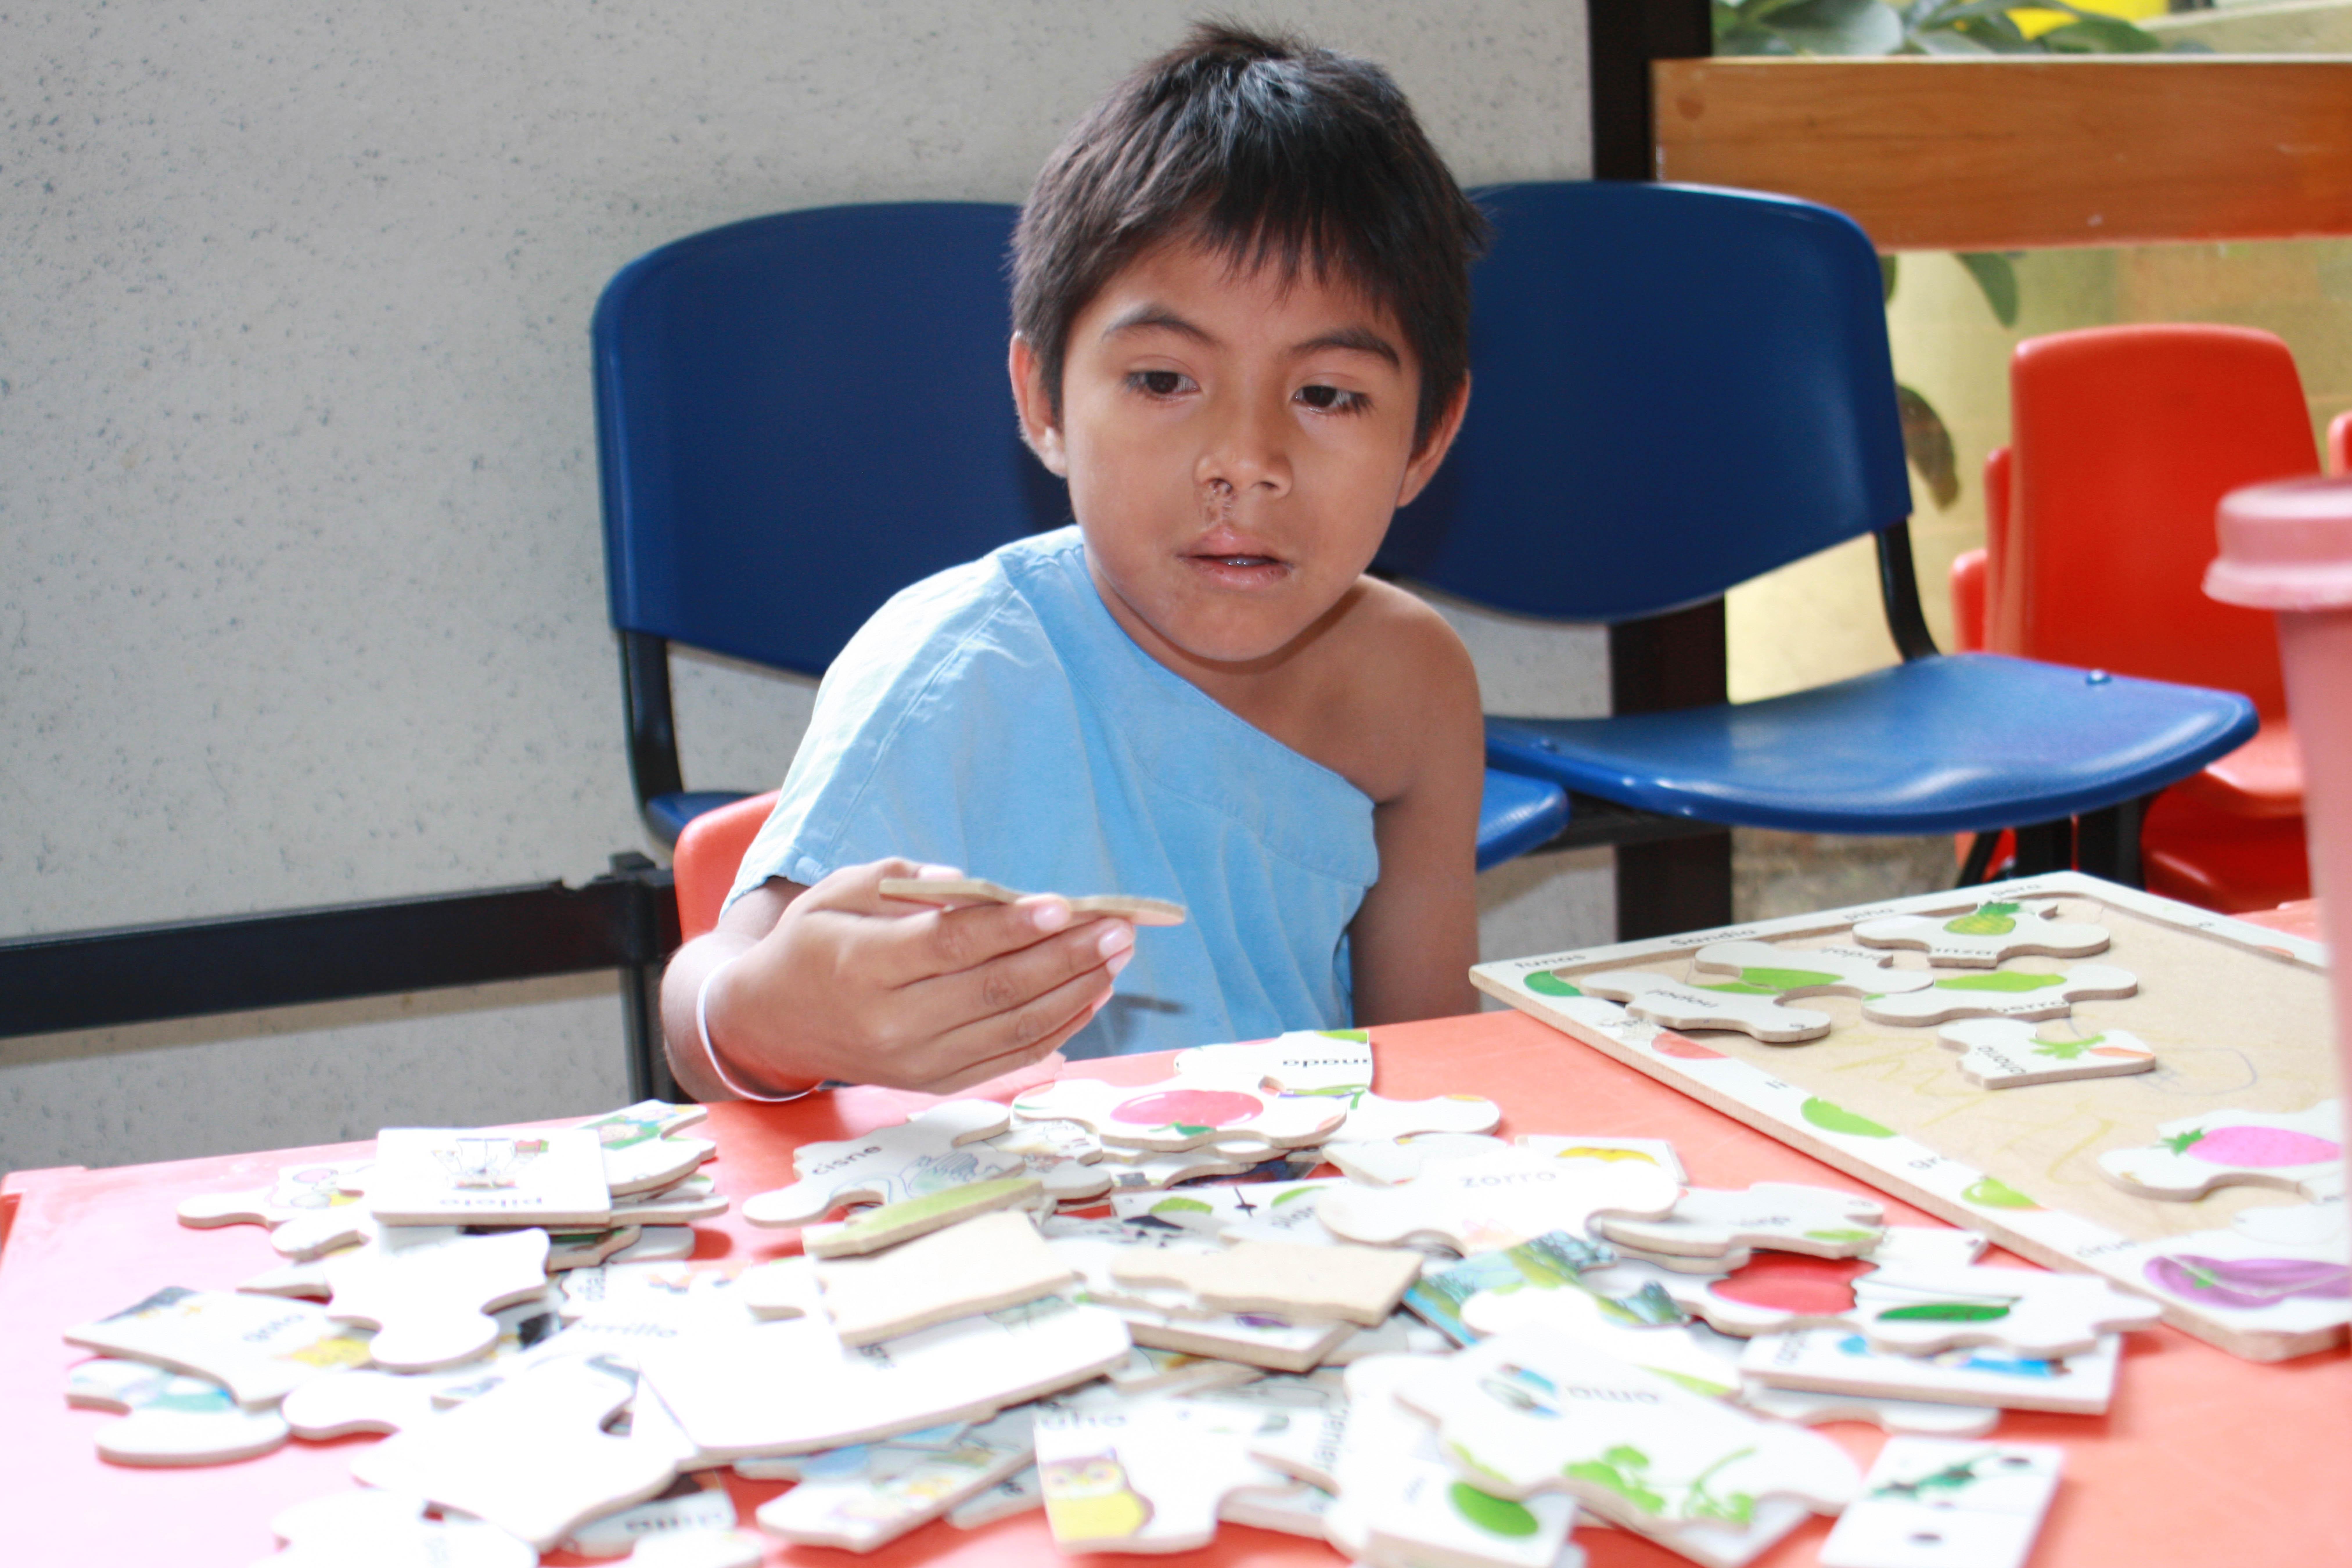 Devolviendo a un niño una carita feliz.